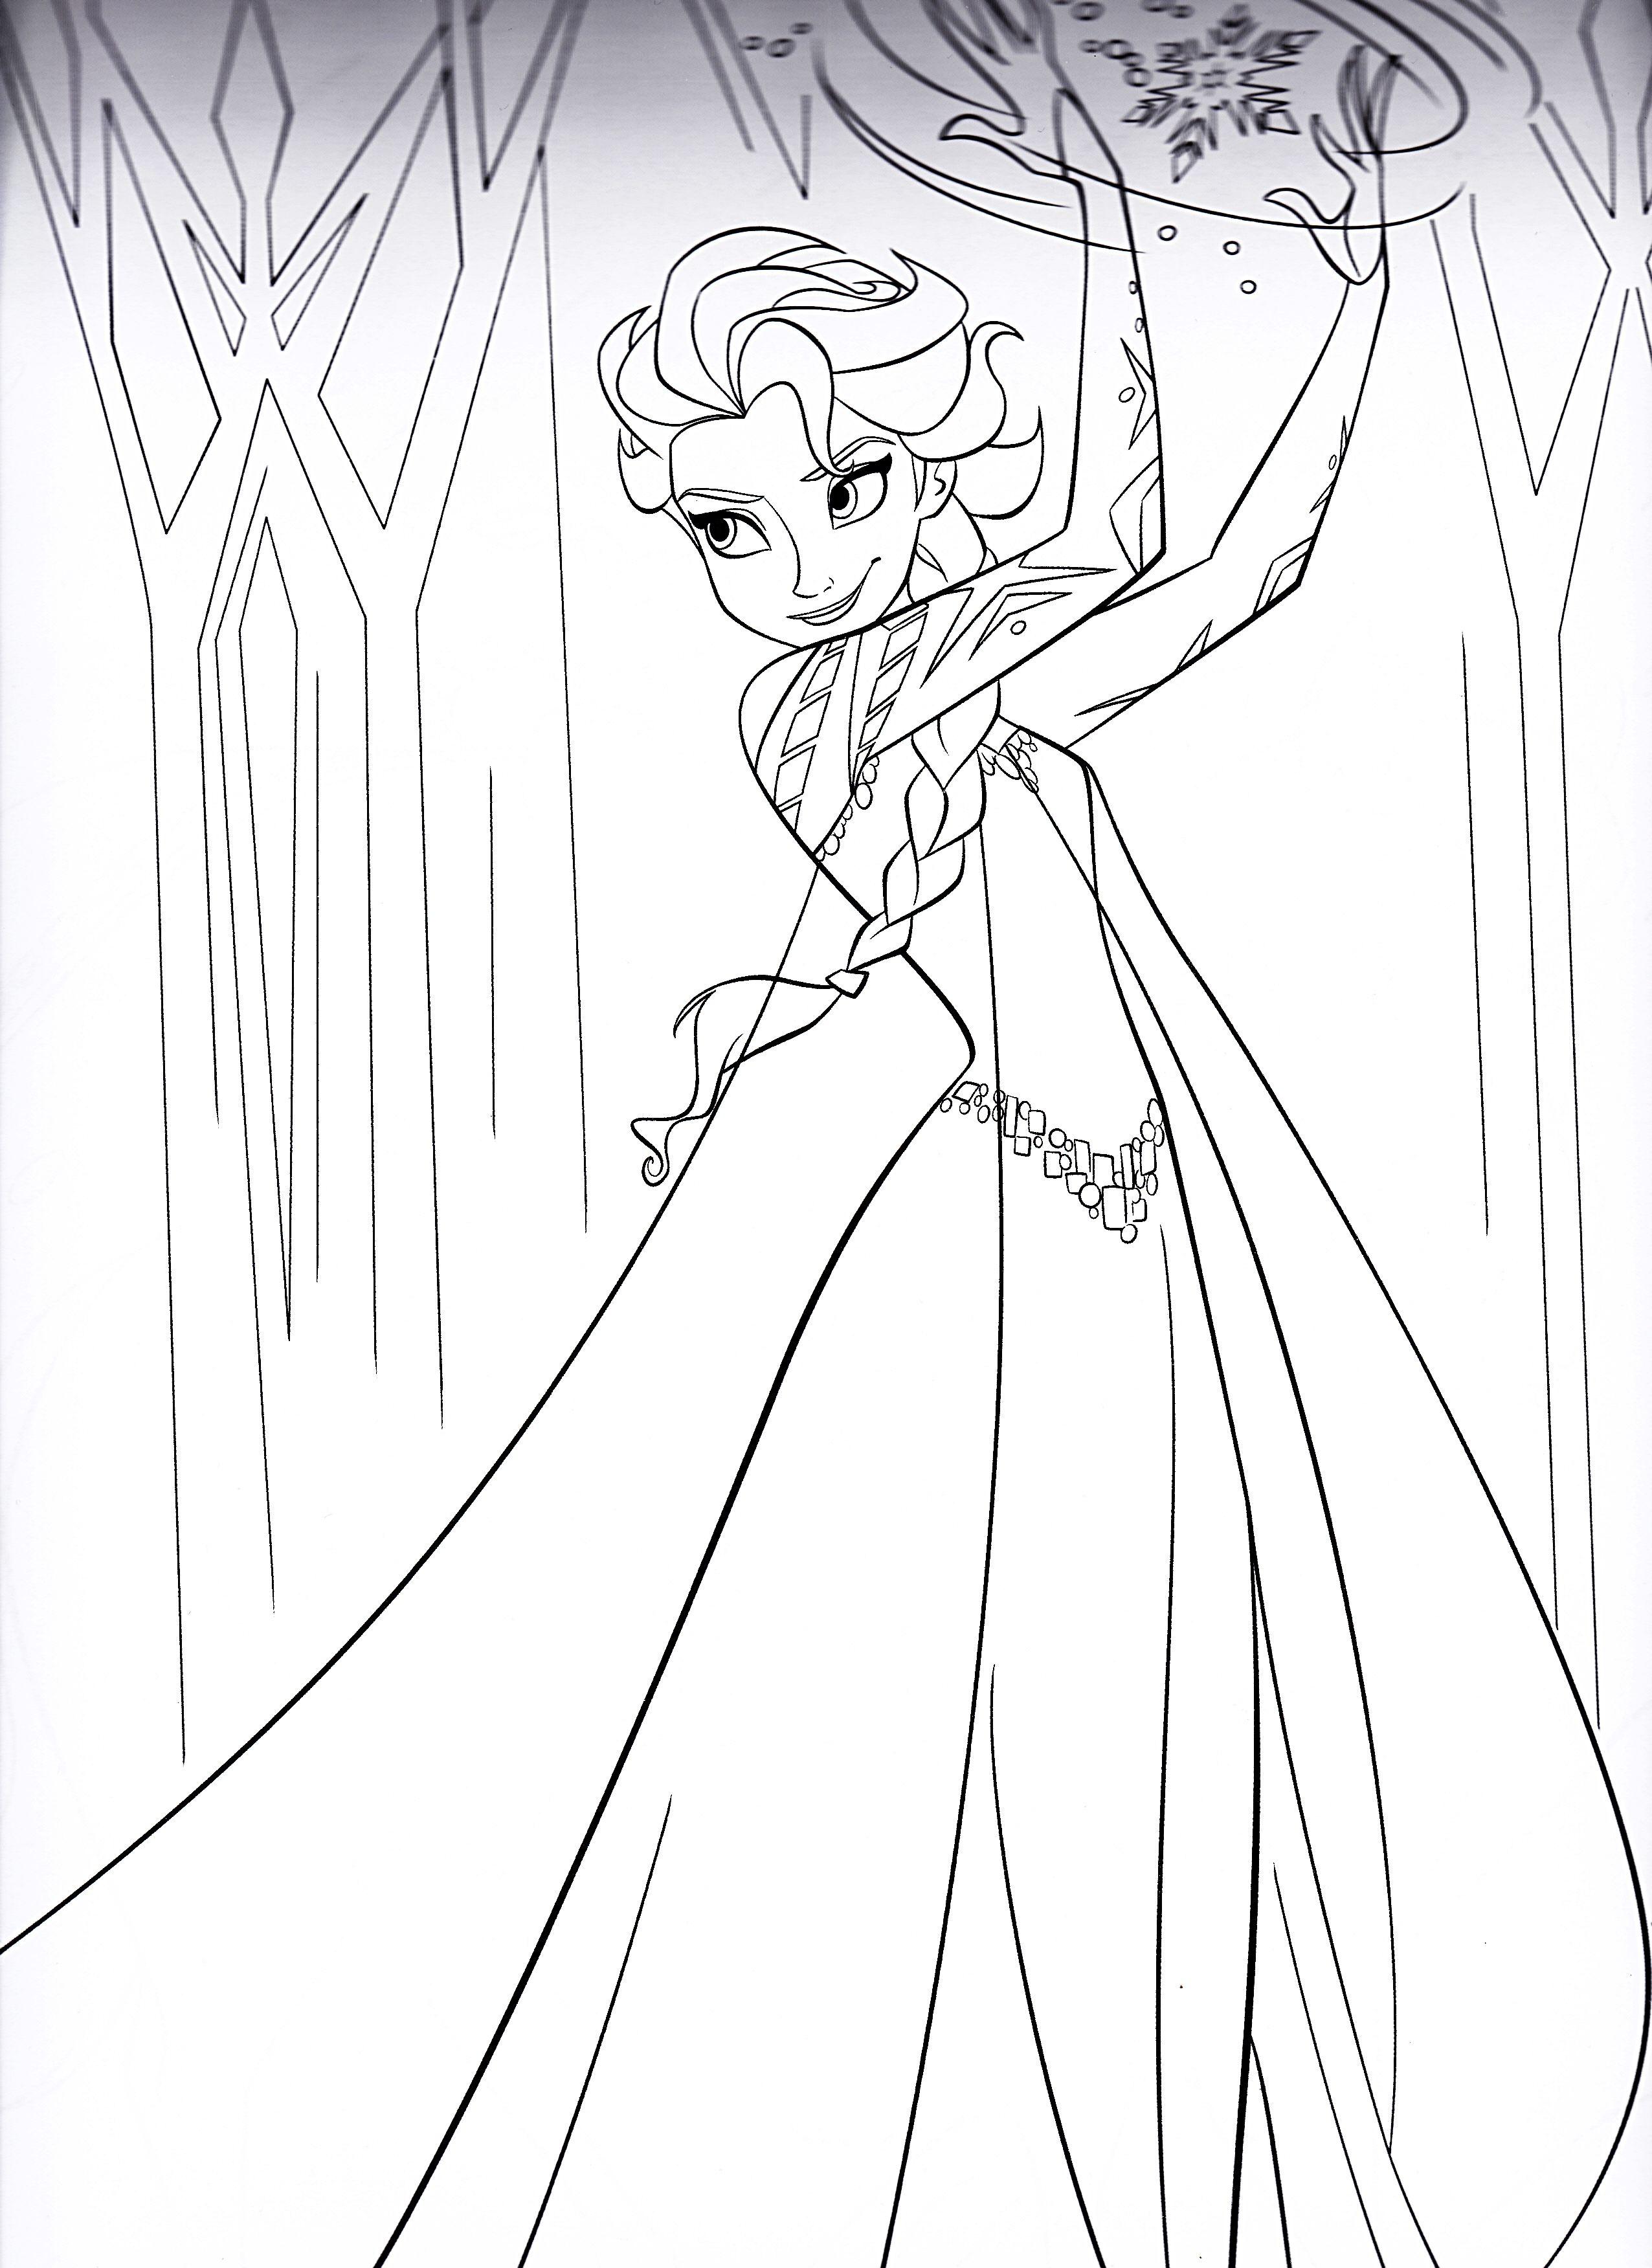 Disney Frozen Coloring Pages Walt Disney Characters Walt Disney Coloring Pages Queen Elsa Elsa Coloring Pages Frozen Coloring Pages Disney Coloring Pages